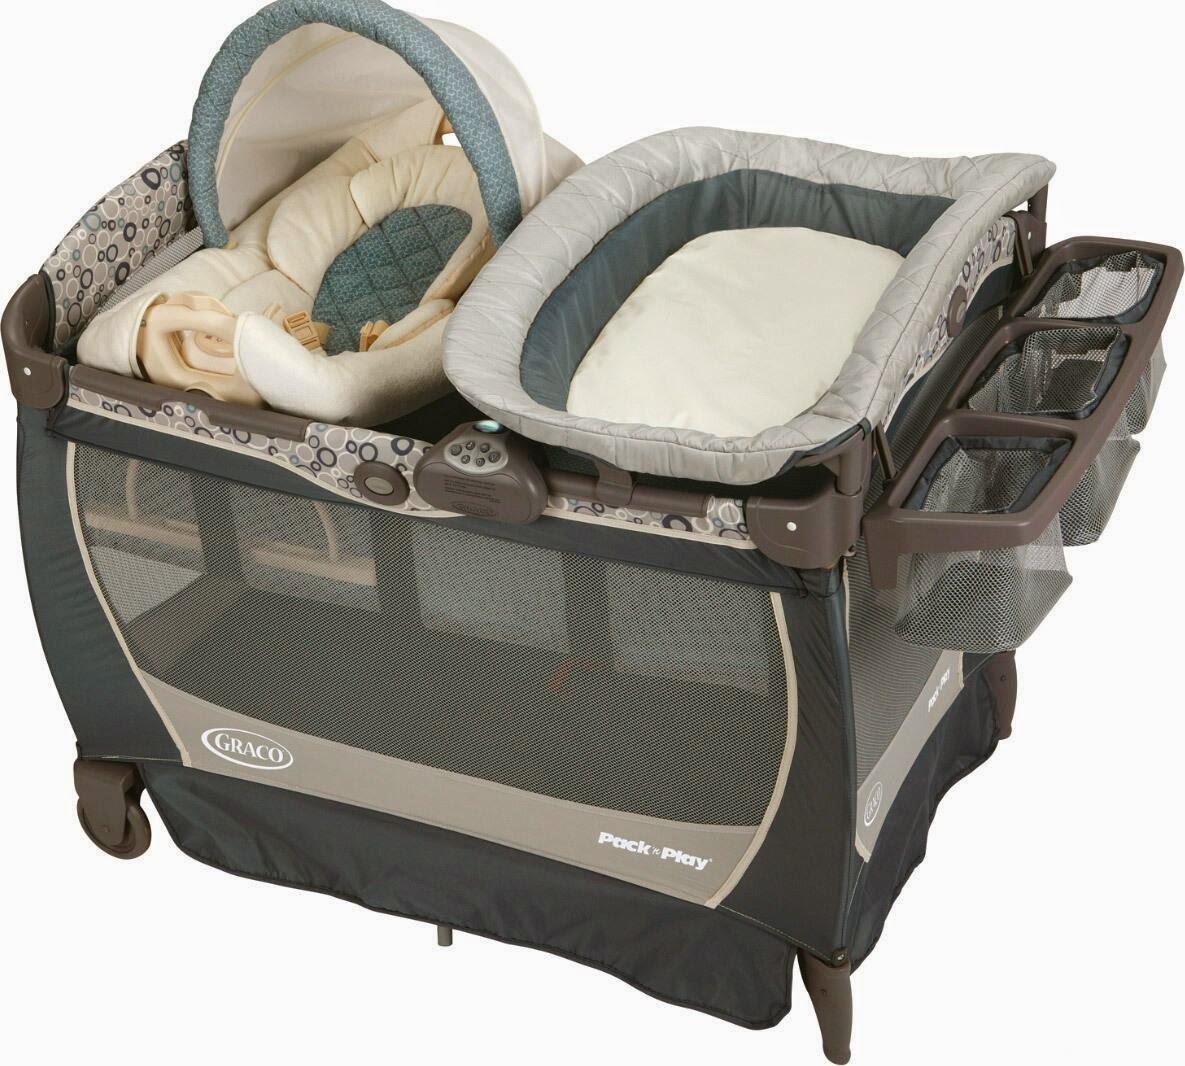 Полностью укомплектованная кроватка-манеж для новорожденного